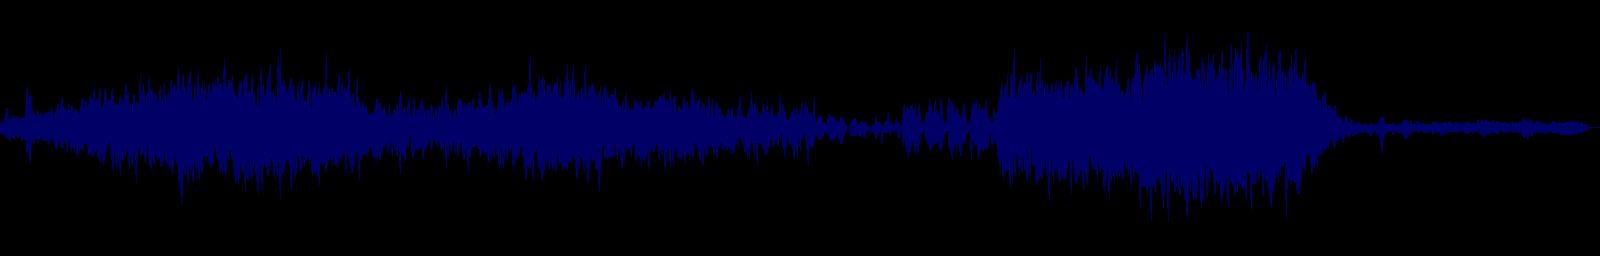 waveform of track #136241